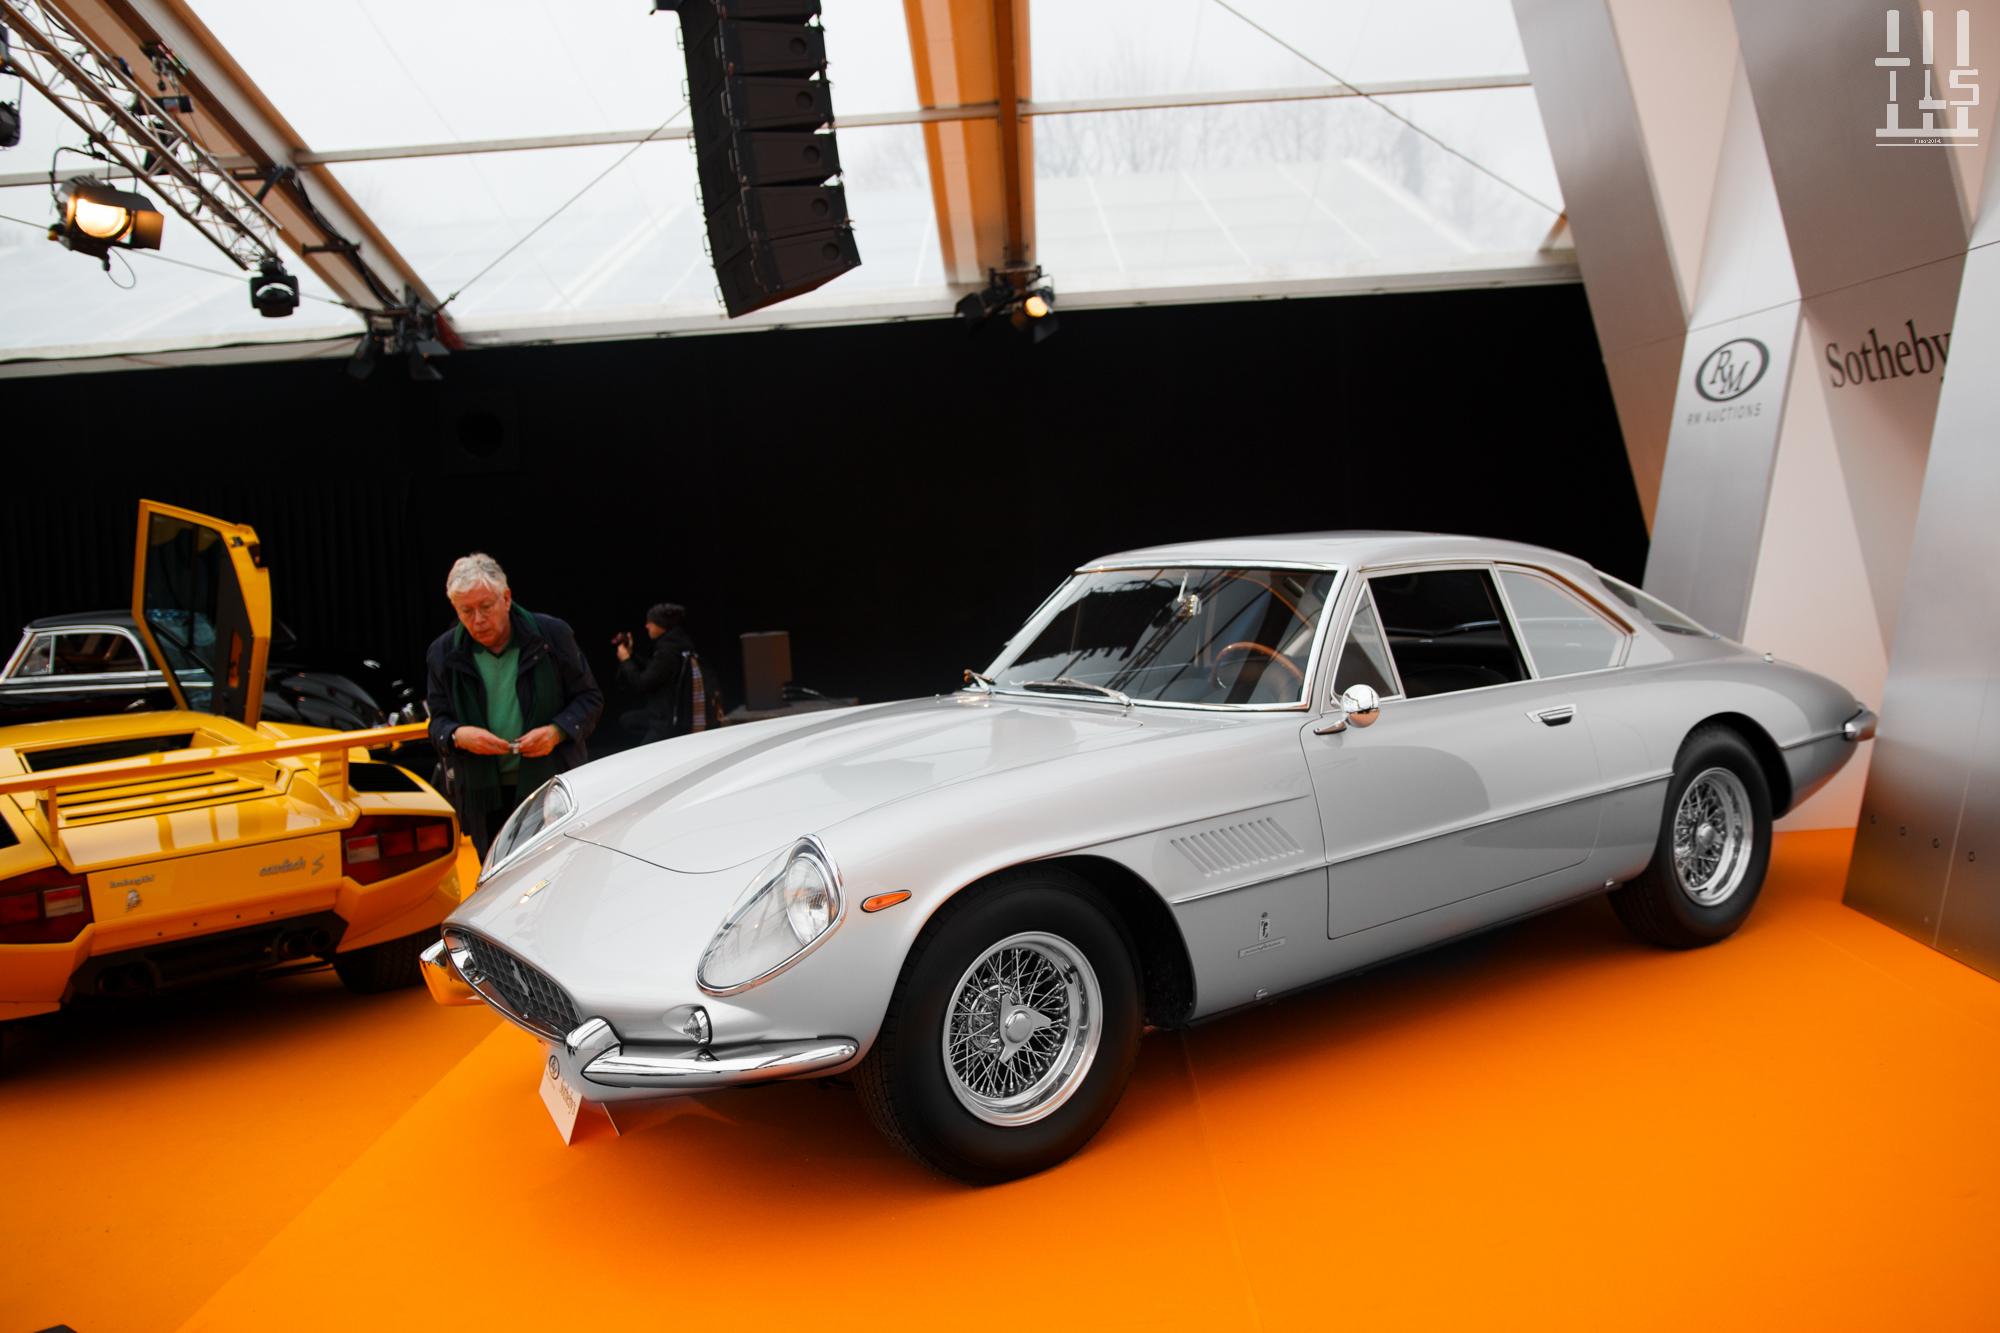 Ferrari 400 Superamerica LWB, vendue à 2 950 000 euros.